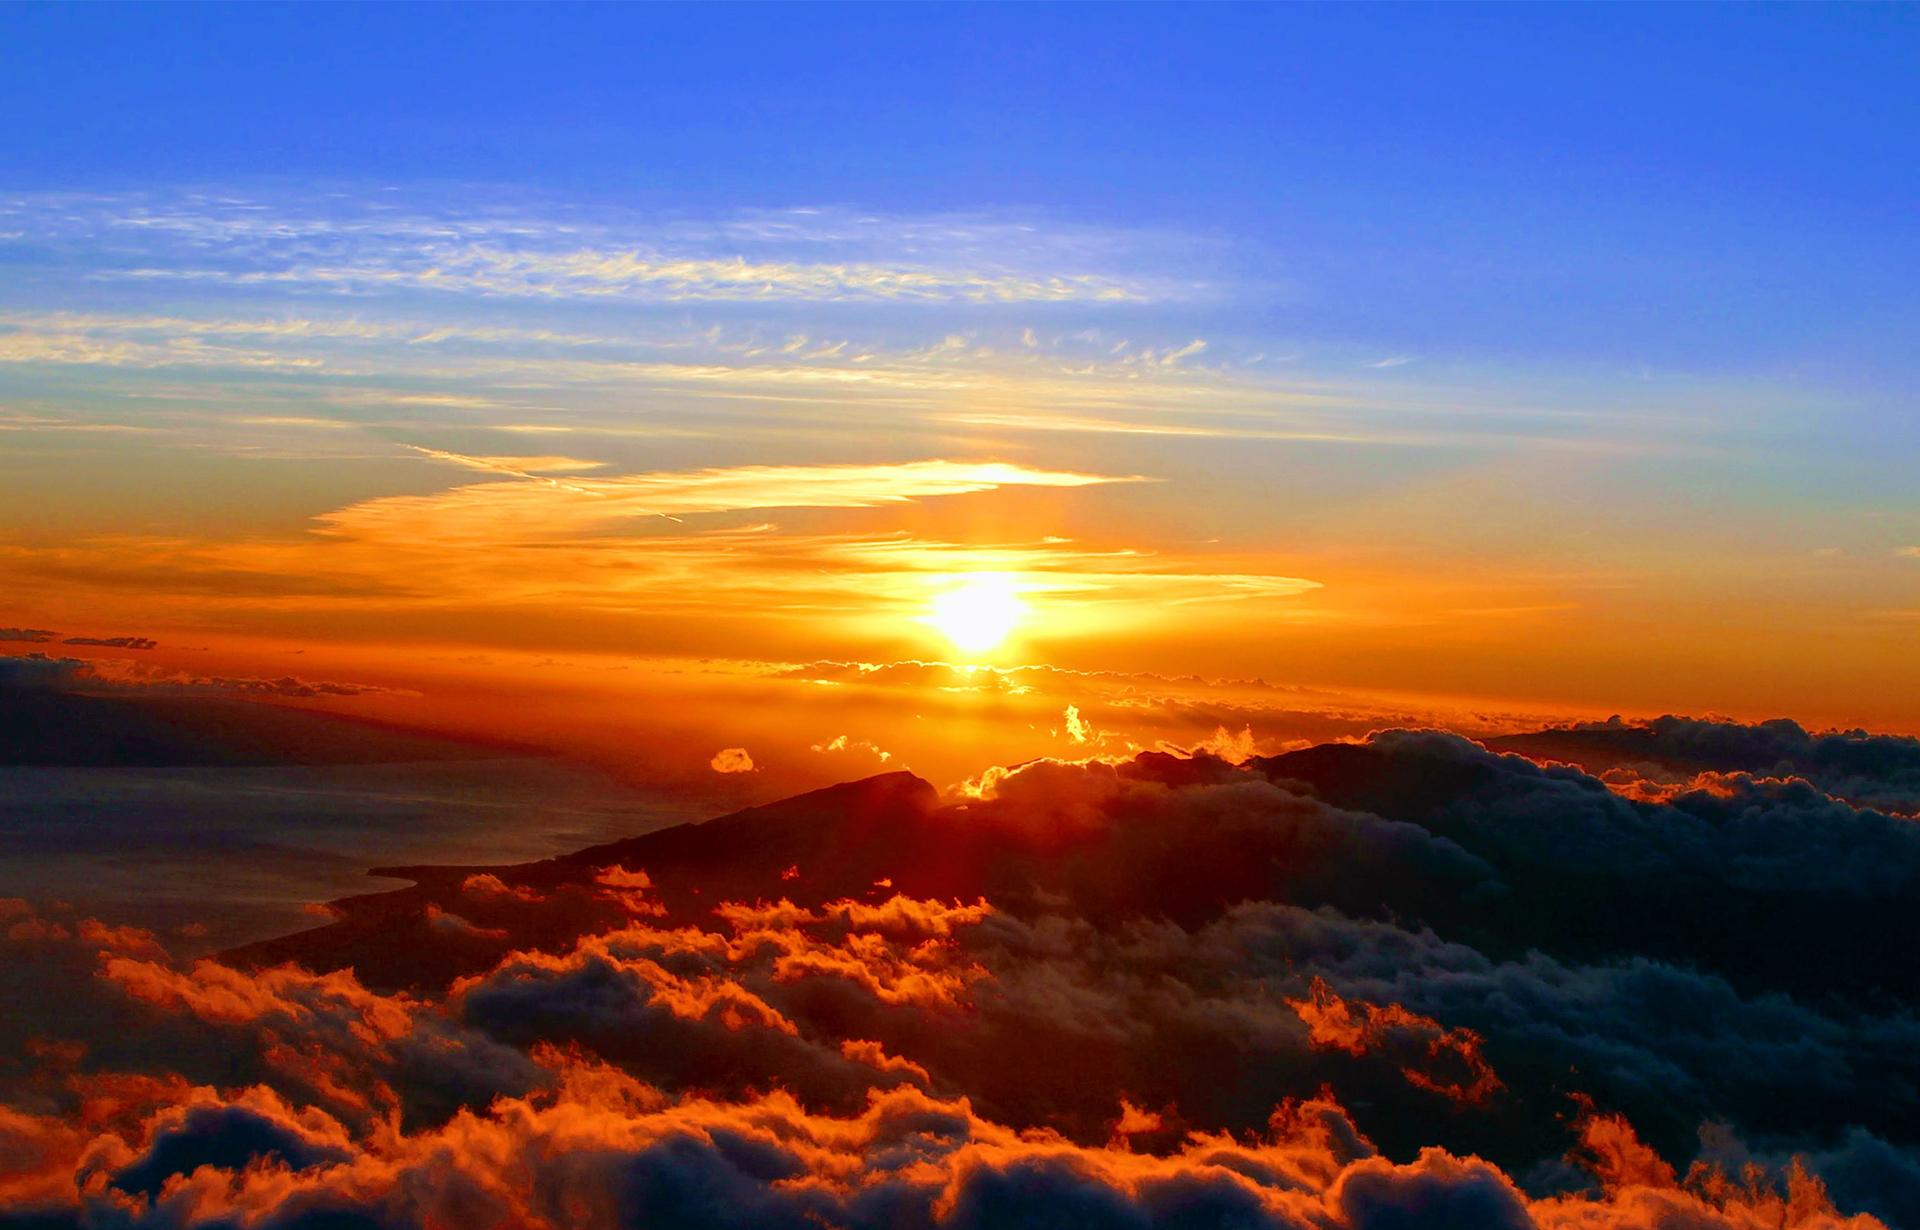 Upcountry Maui Zipline - Skyline Haleakala | Zipline.com